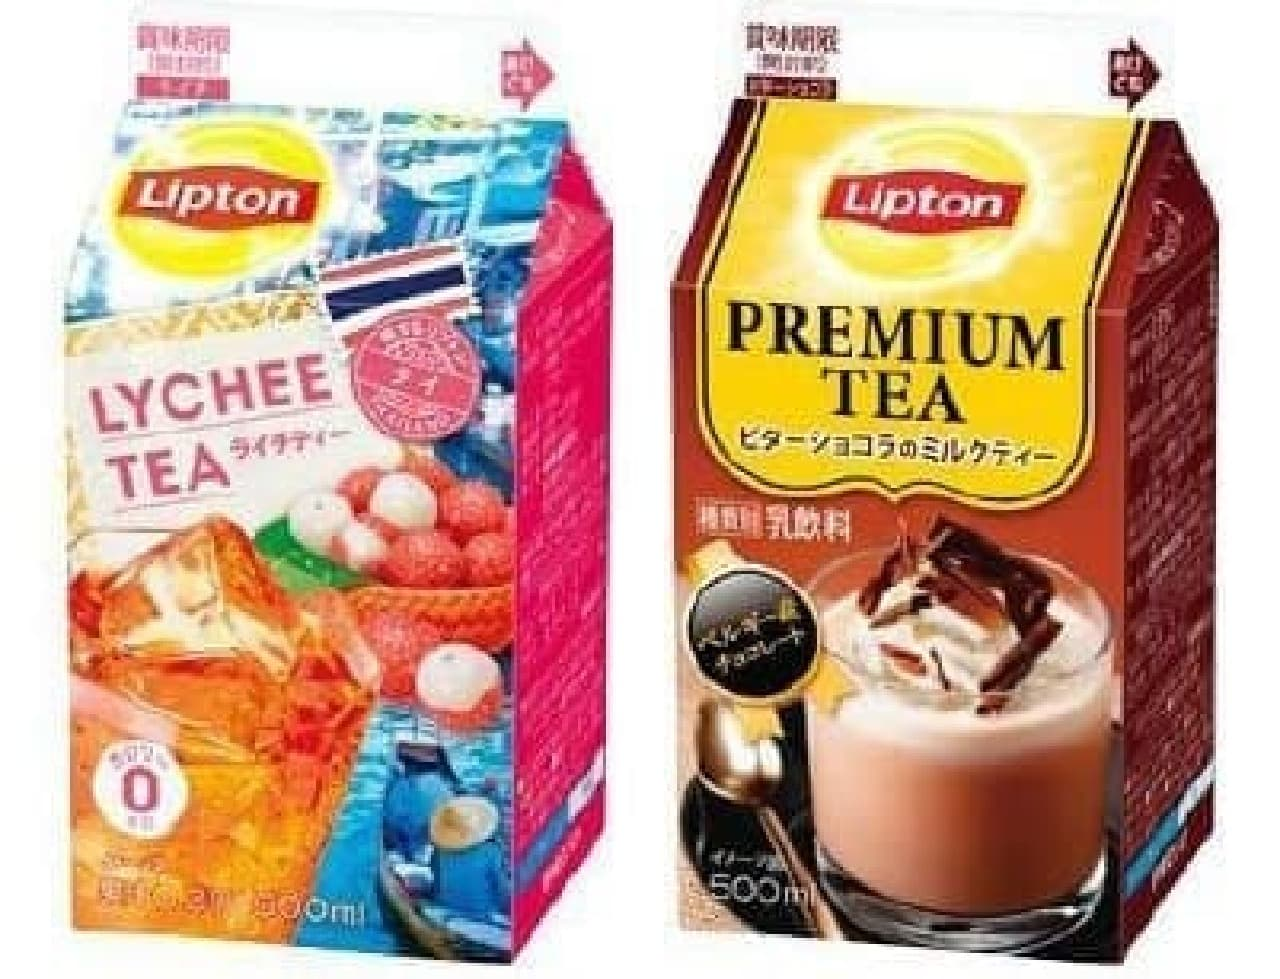 「リプトン ライチティー」「リプトン ビターショコラのミルクティー」